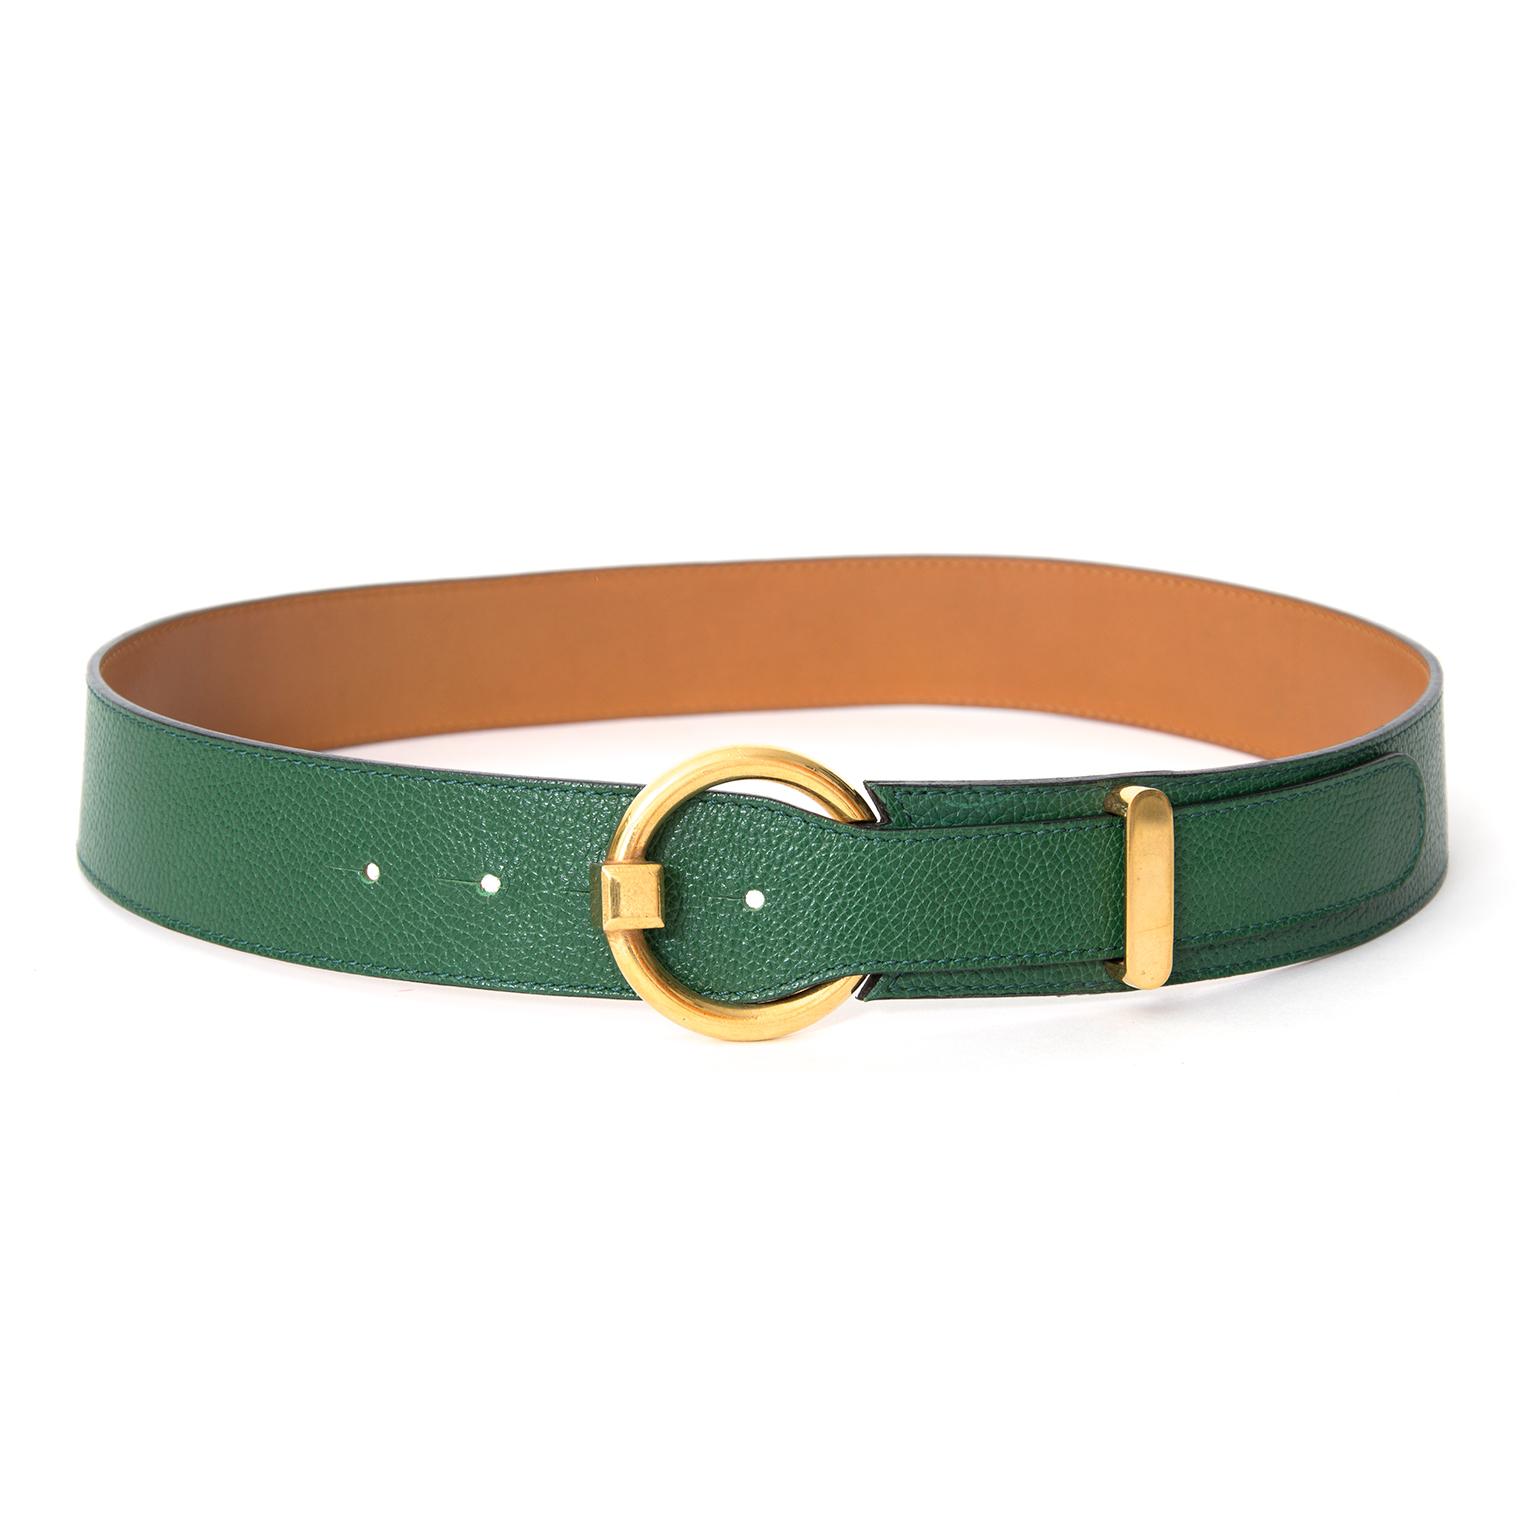 shop safe online secondhan designer Delvaux Green Circle Belt